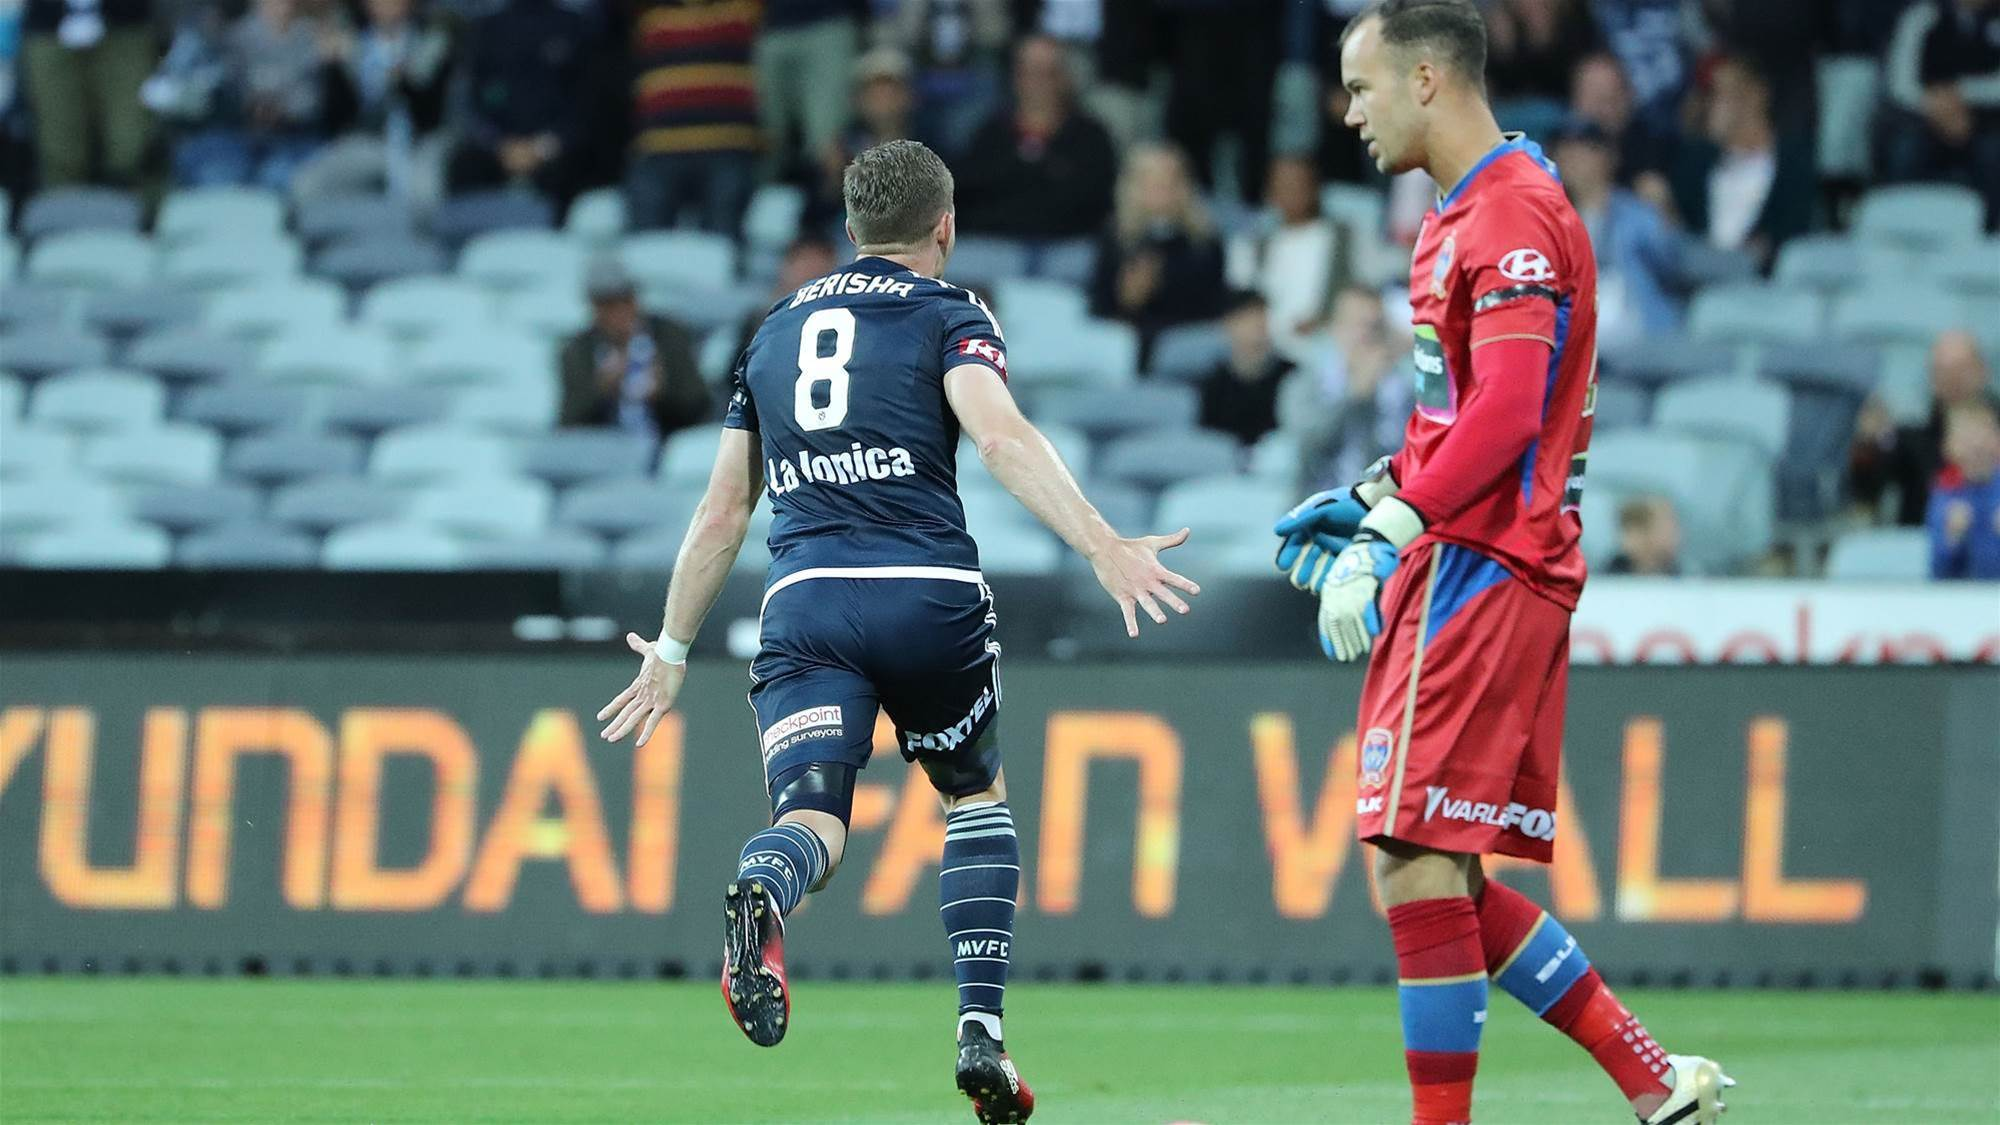 Berisha already 'thinking of next goal'